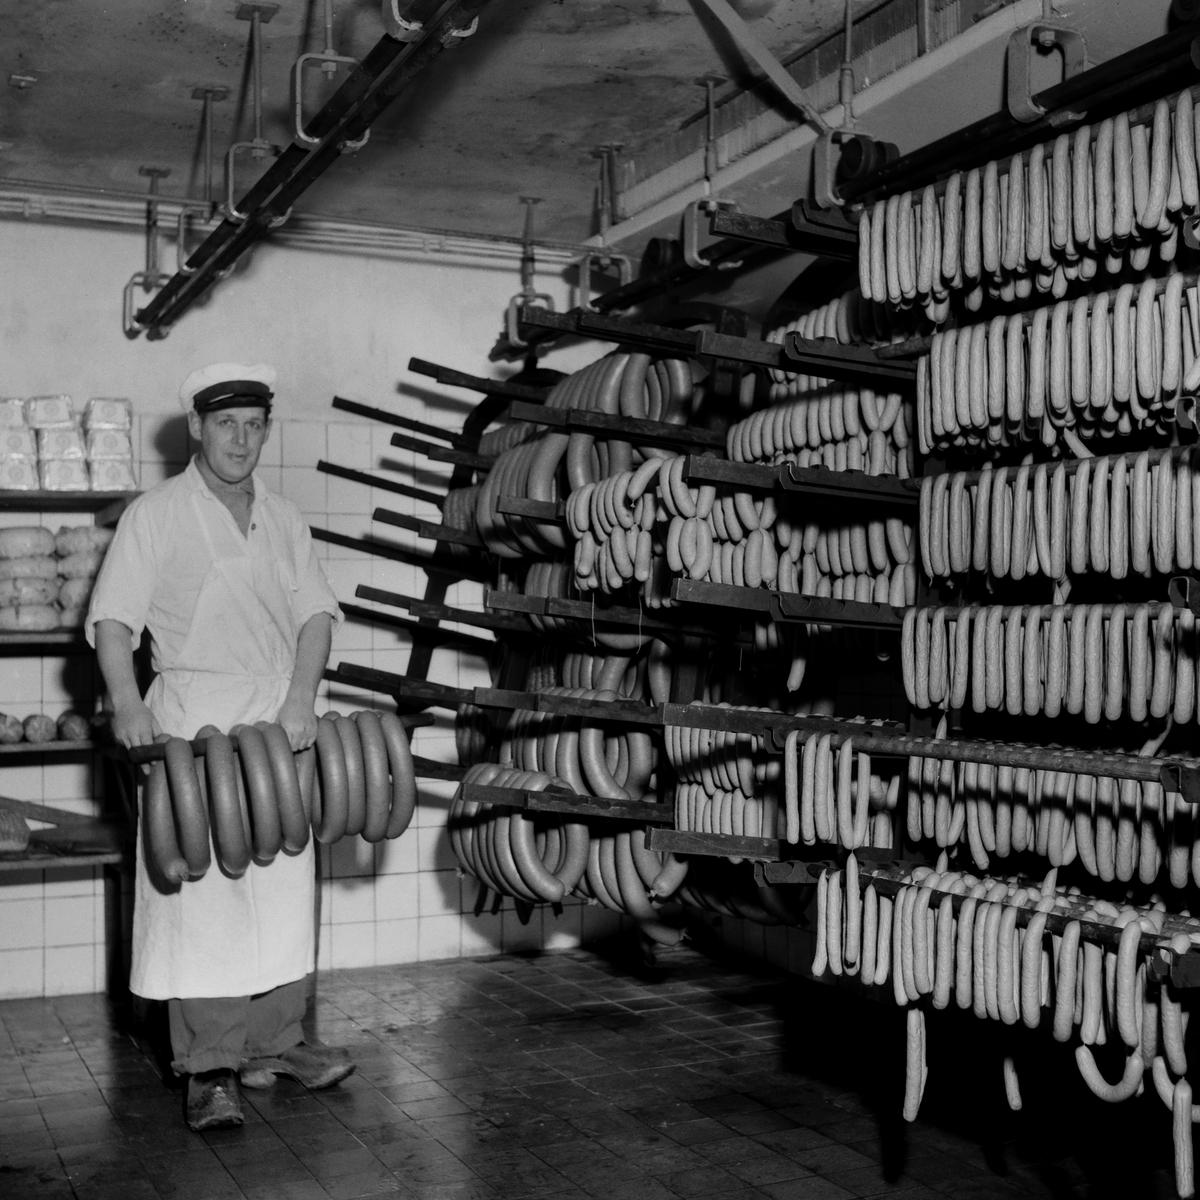 Reportage i tidningen Östgöten hos Ström & Ödell. Korvfabrik. Den 11/3 1953.   Korv. Fabrik. Tillverkning. Företag. Korvtillverkning. Reportage.